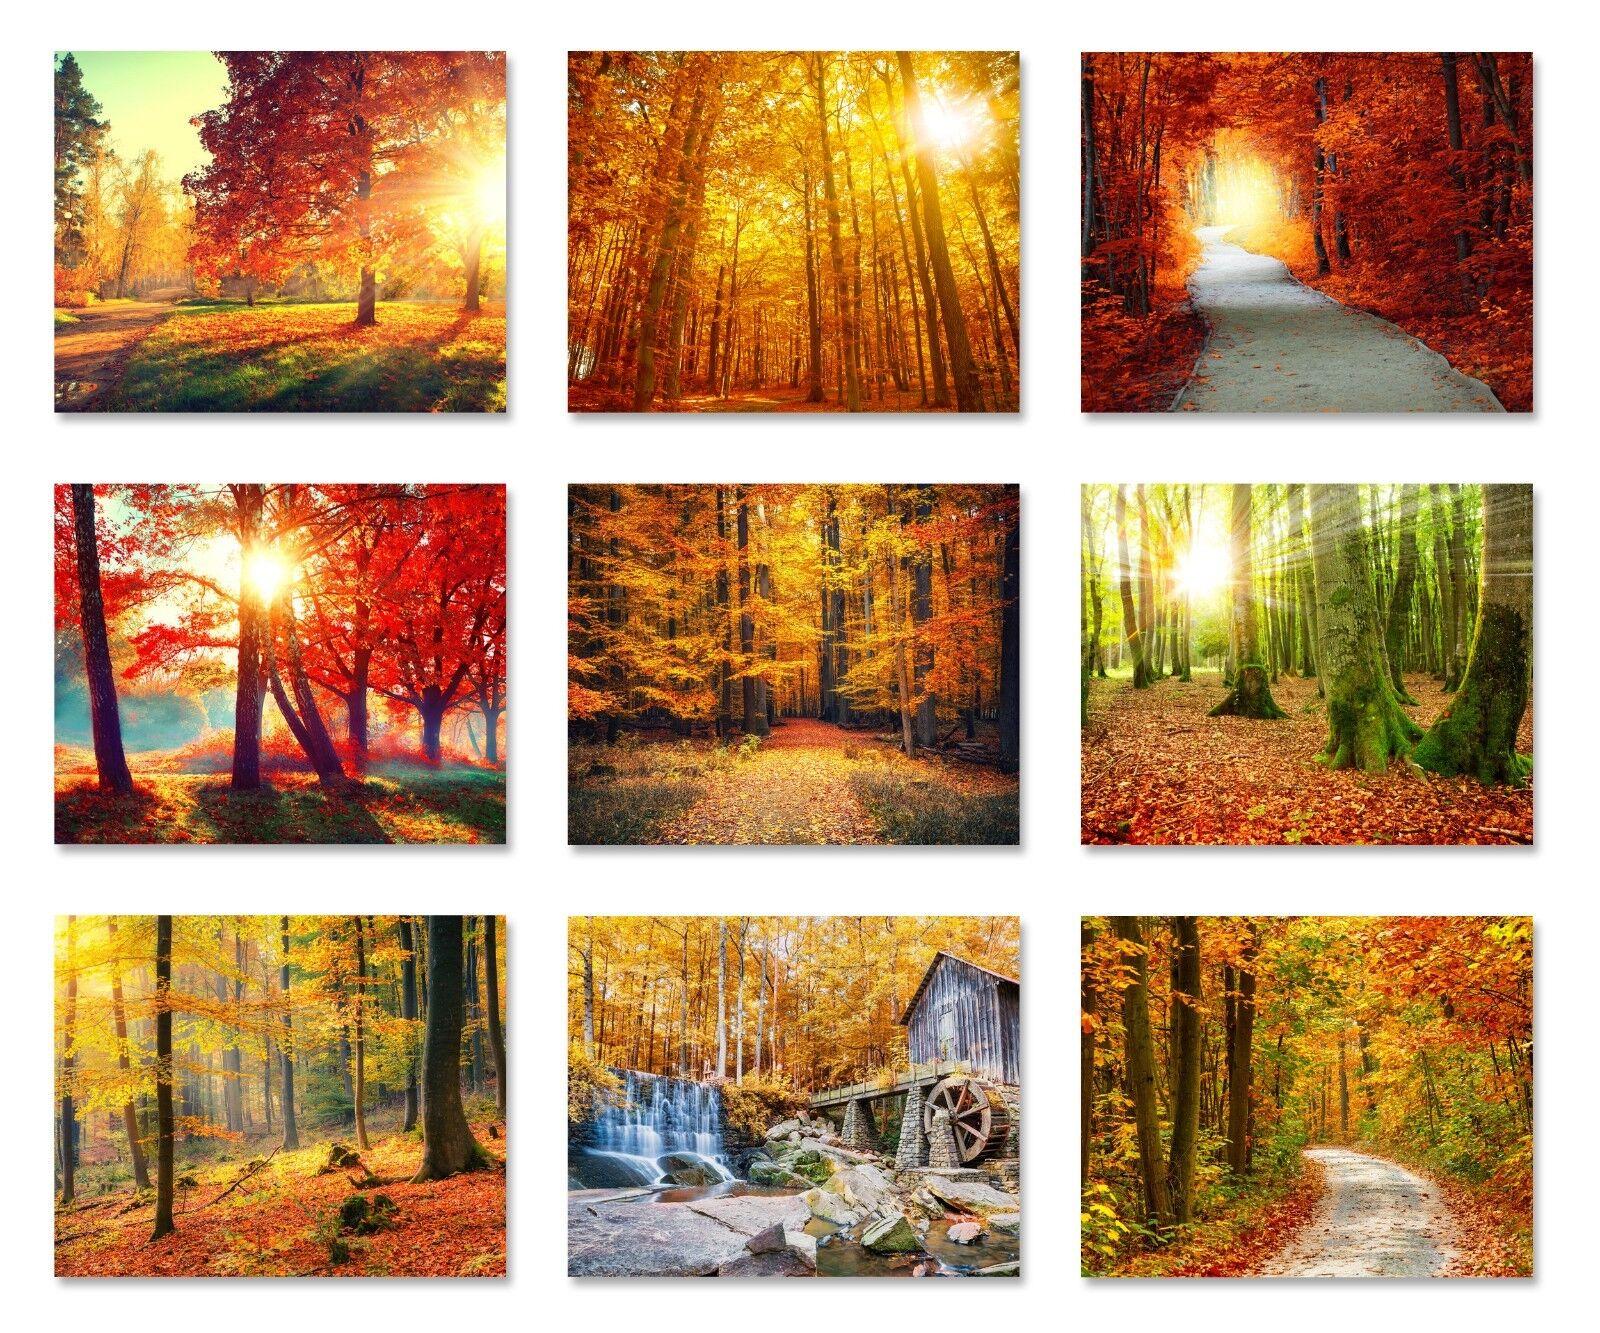 Herbst Wald Tapete Wälder Wald Sonnenaufgang Sonnenuntergang Wandbild Foto